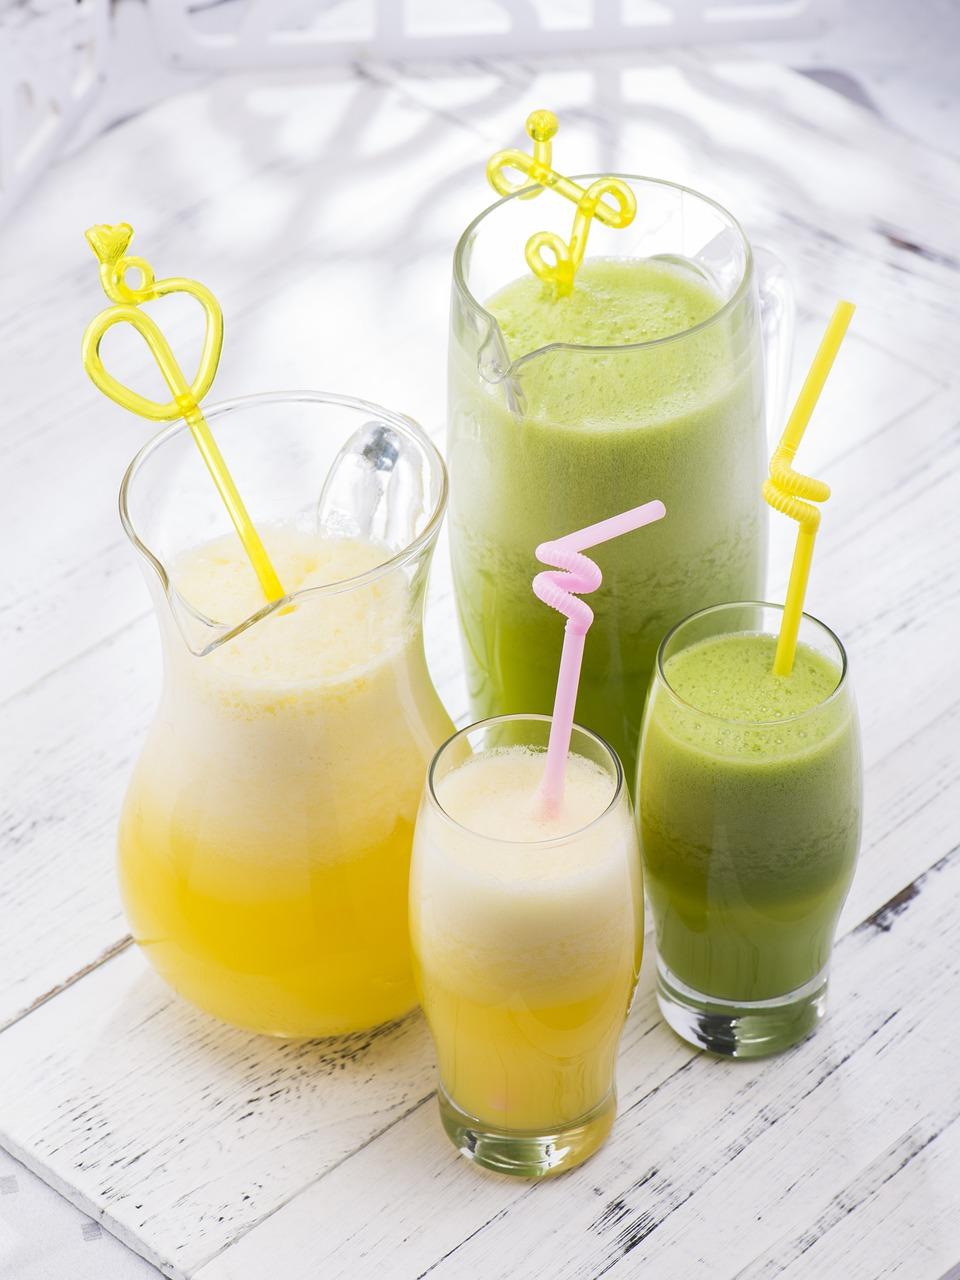 Молокочайная диета для похудения: отличный результат благодаря зеленому чаю с молоком